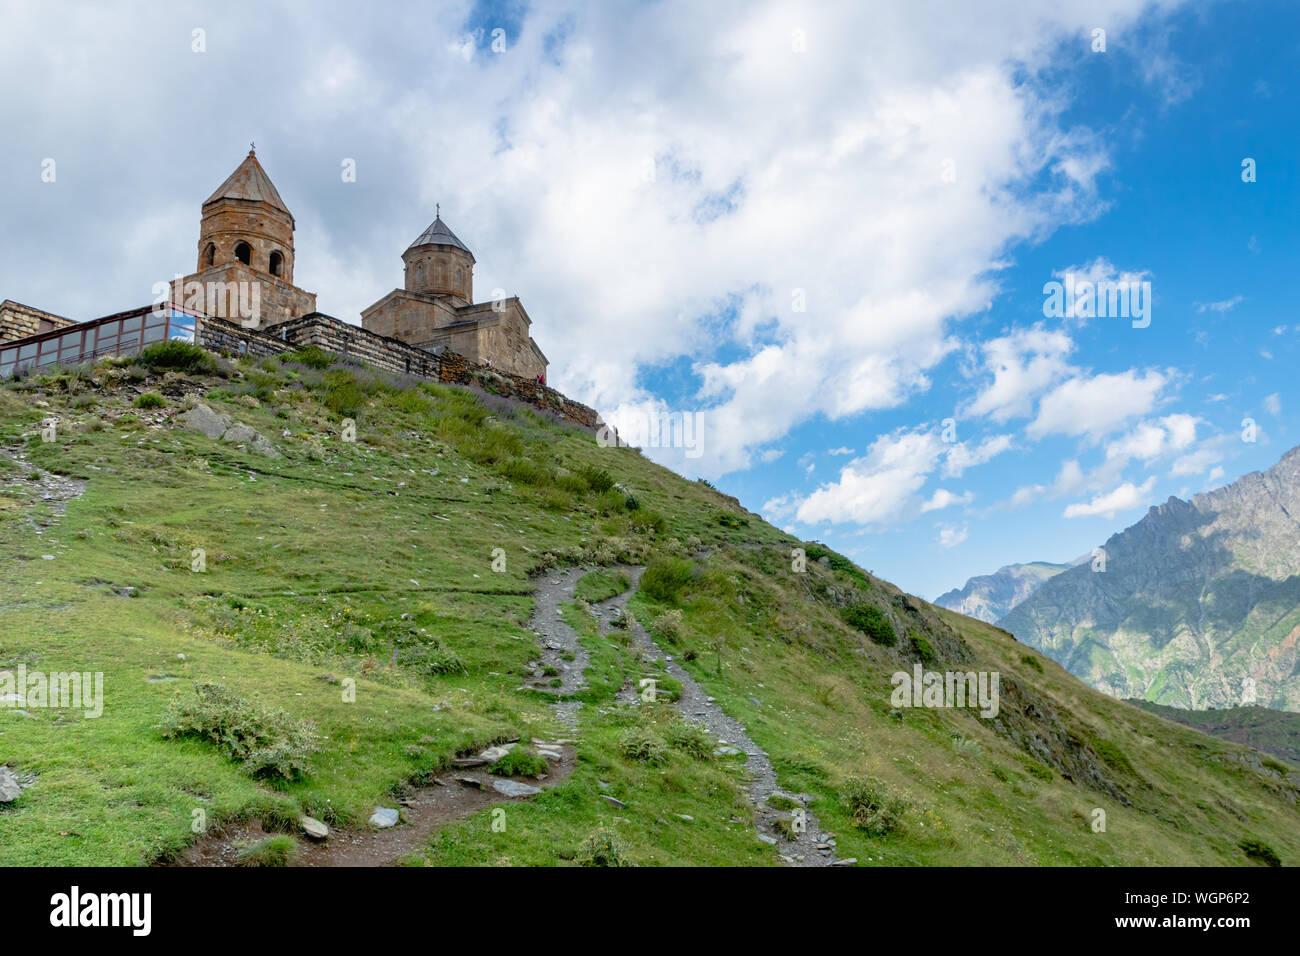 L'église de trinité Gergeti ou Tsminda Sameba, landscaoe spectaculaire avec des nuages. Église Gergeti près du village de Gergeti en Géorgie Banque D'Images